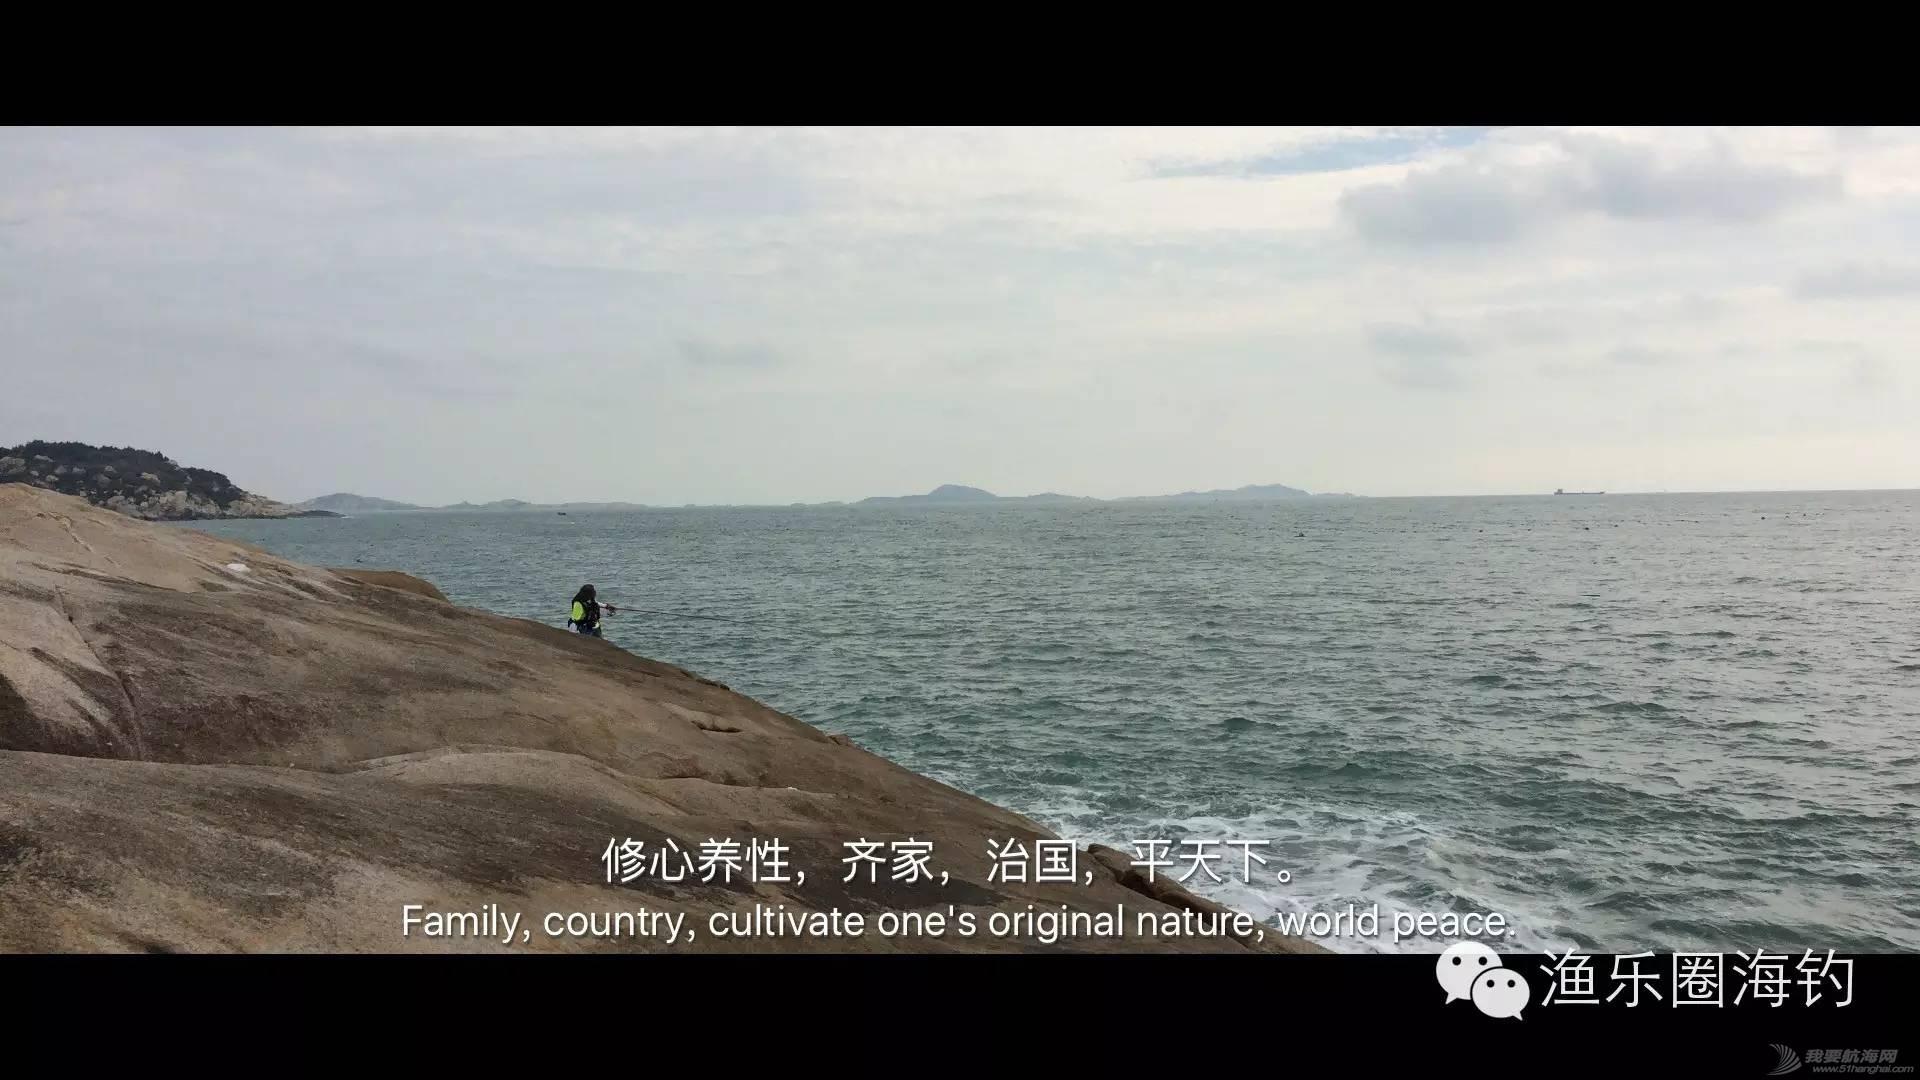 钓鱼的最高境界,为娱而不为鱼.w4.jpg